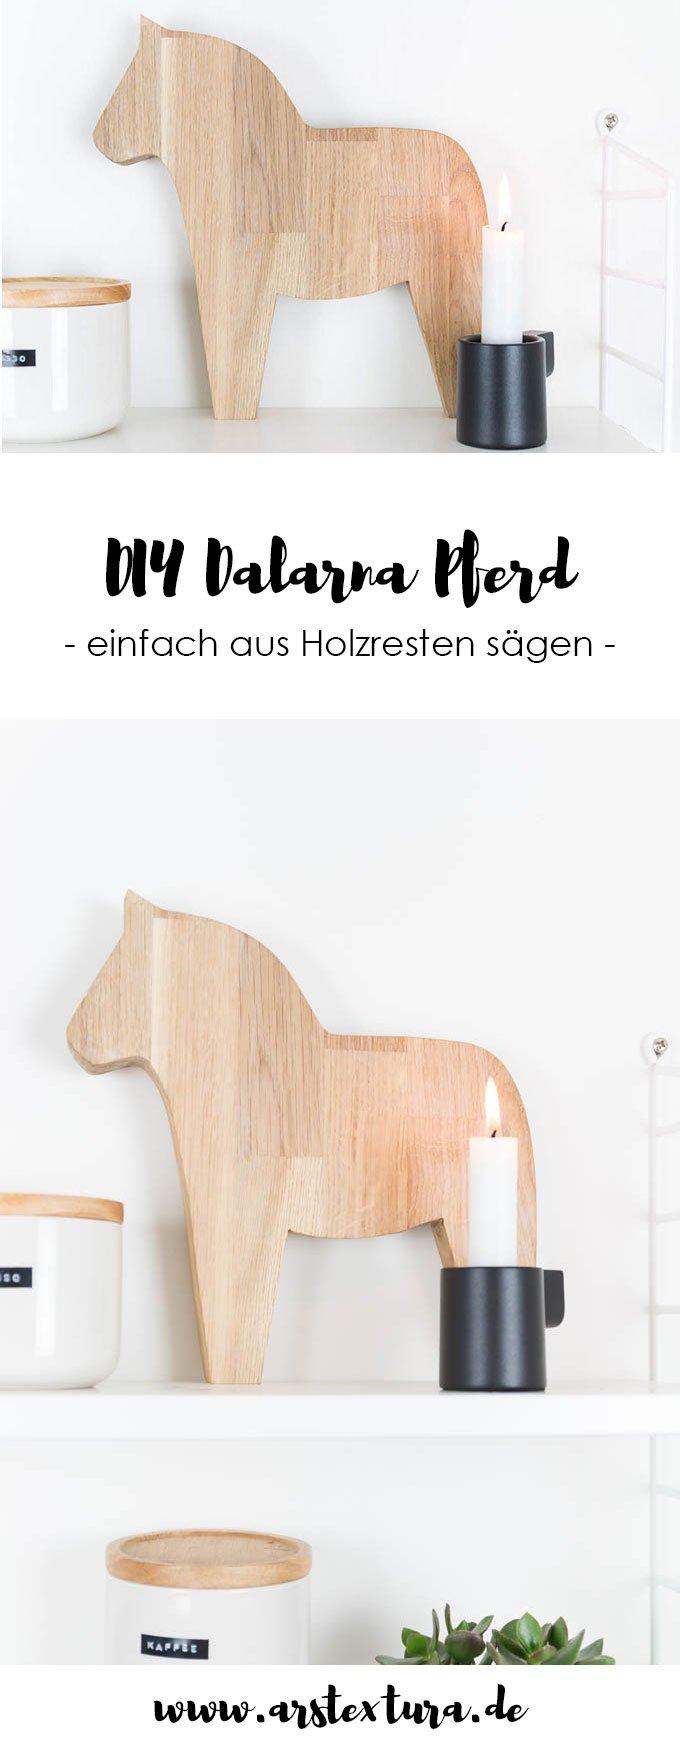 DIY Dalarna Pferd aus Holz selber machen mit DIY Anleitung - Weihnachtsdeko in der Küche im Hygge Scandi Style | ars textura - DIY Blog